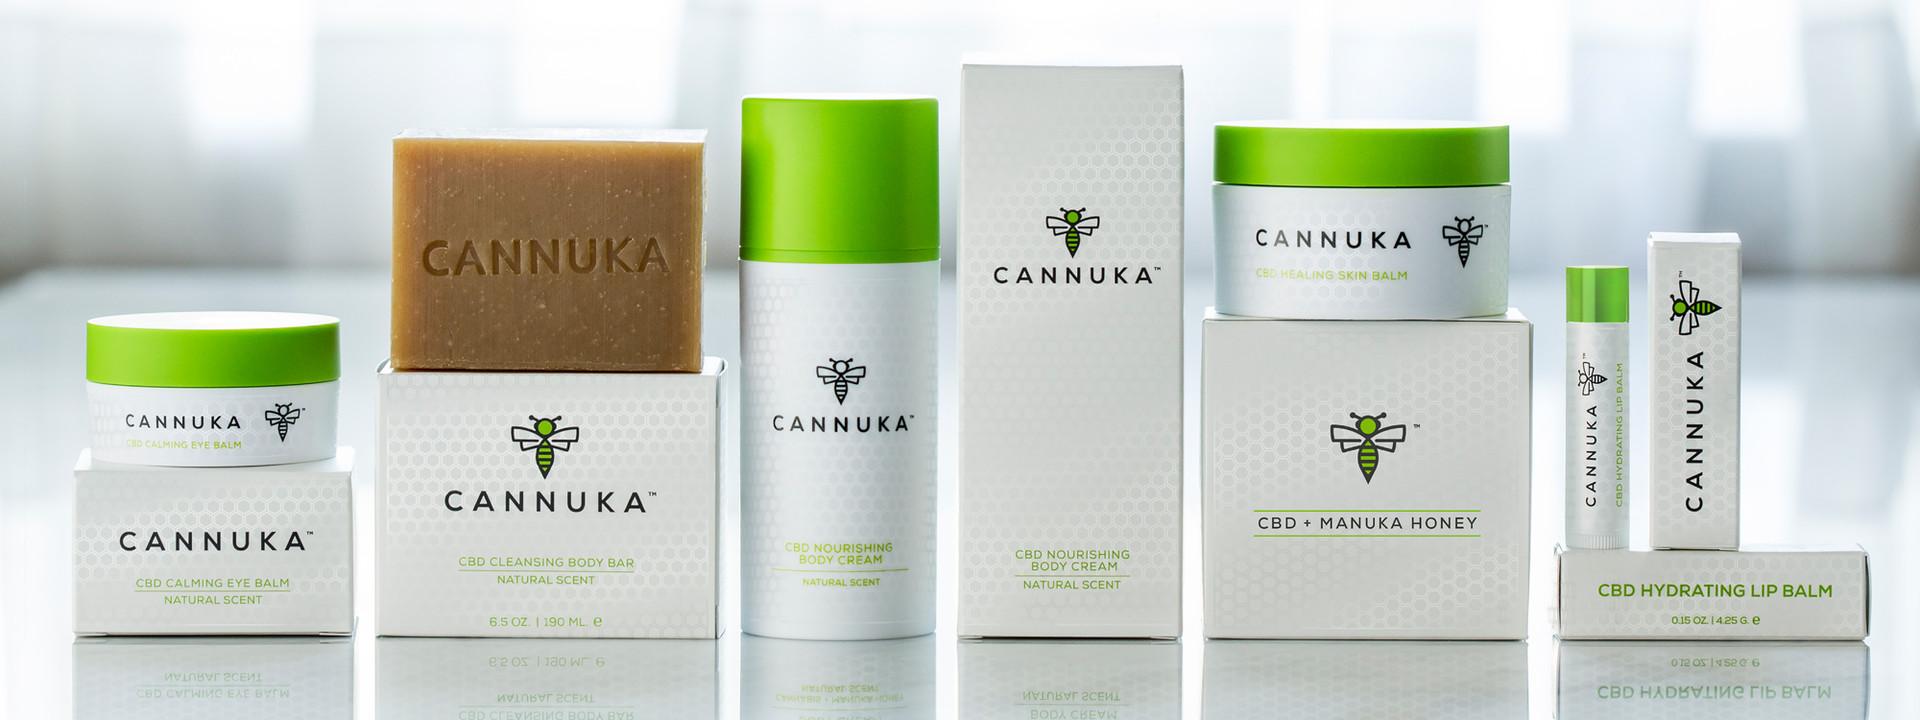 • Cannuka